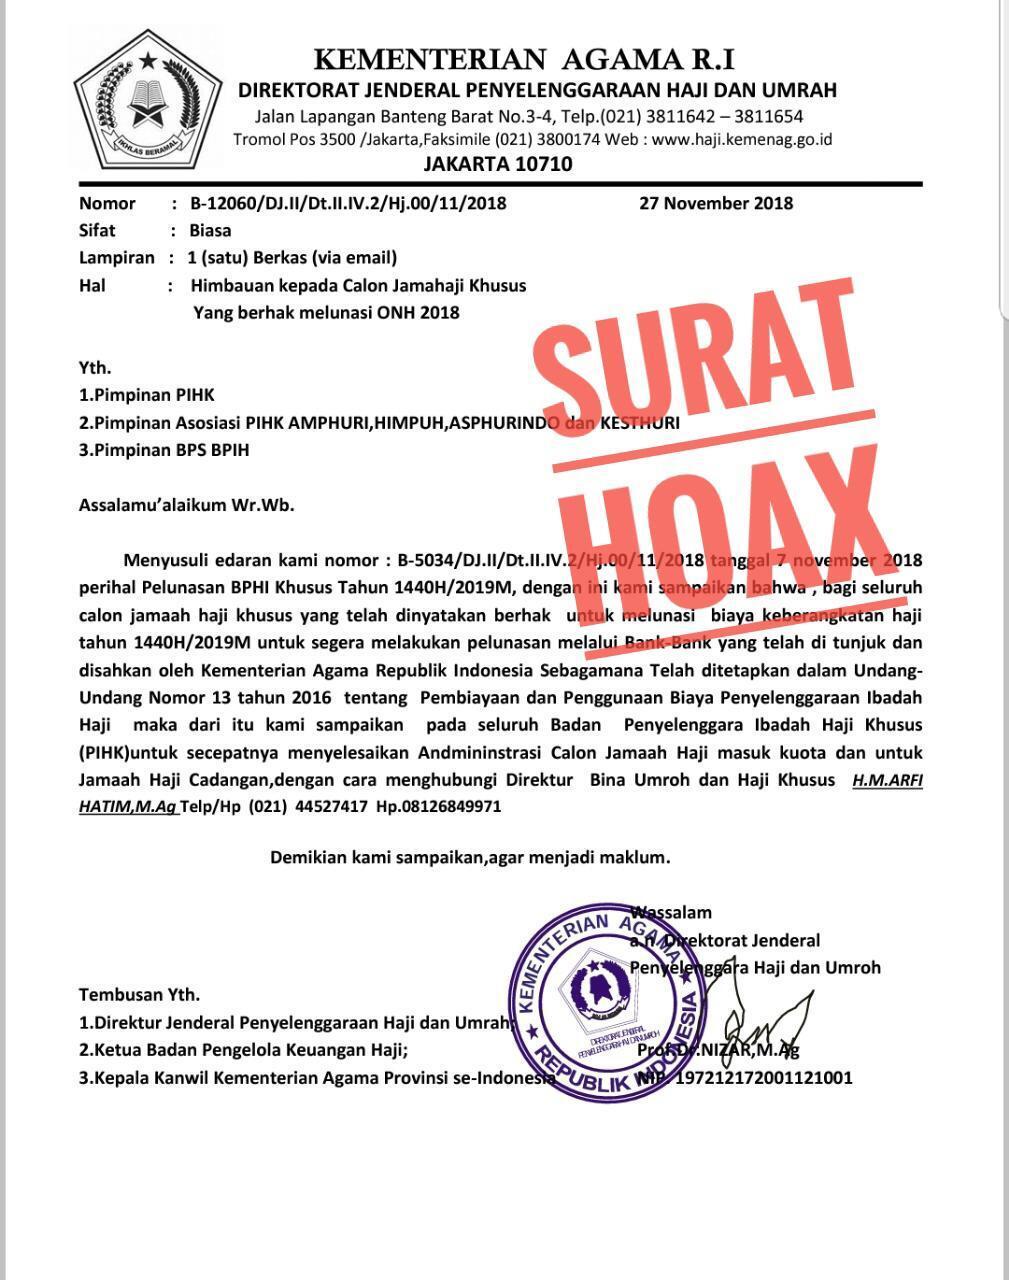 HOAX, Imbauan Agar Jemaah Haji Khusus Segera Lunasi Biaya